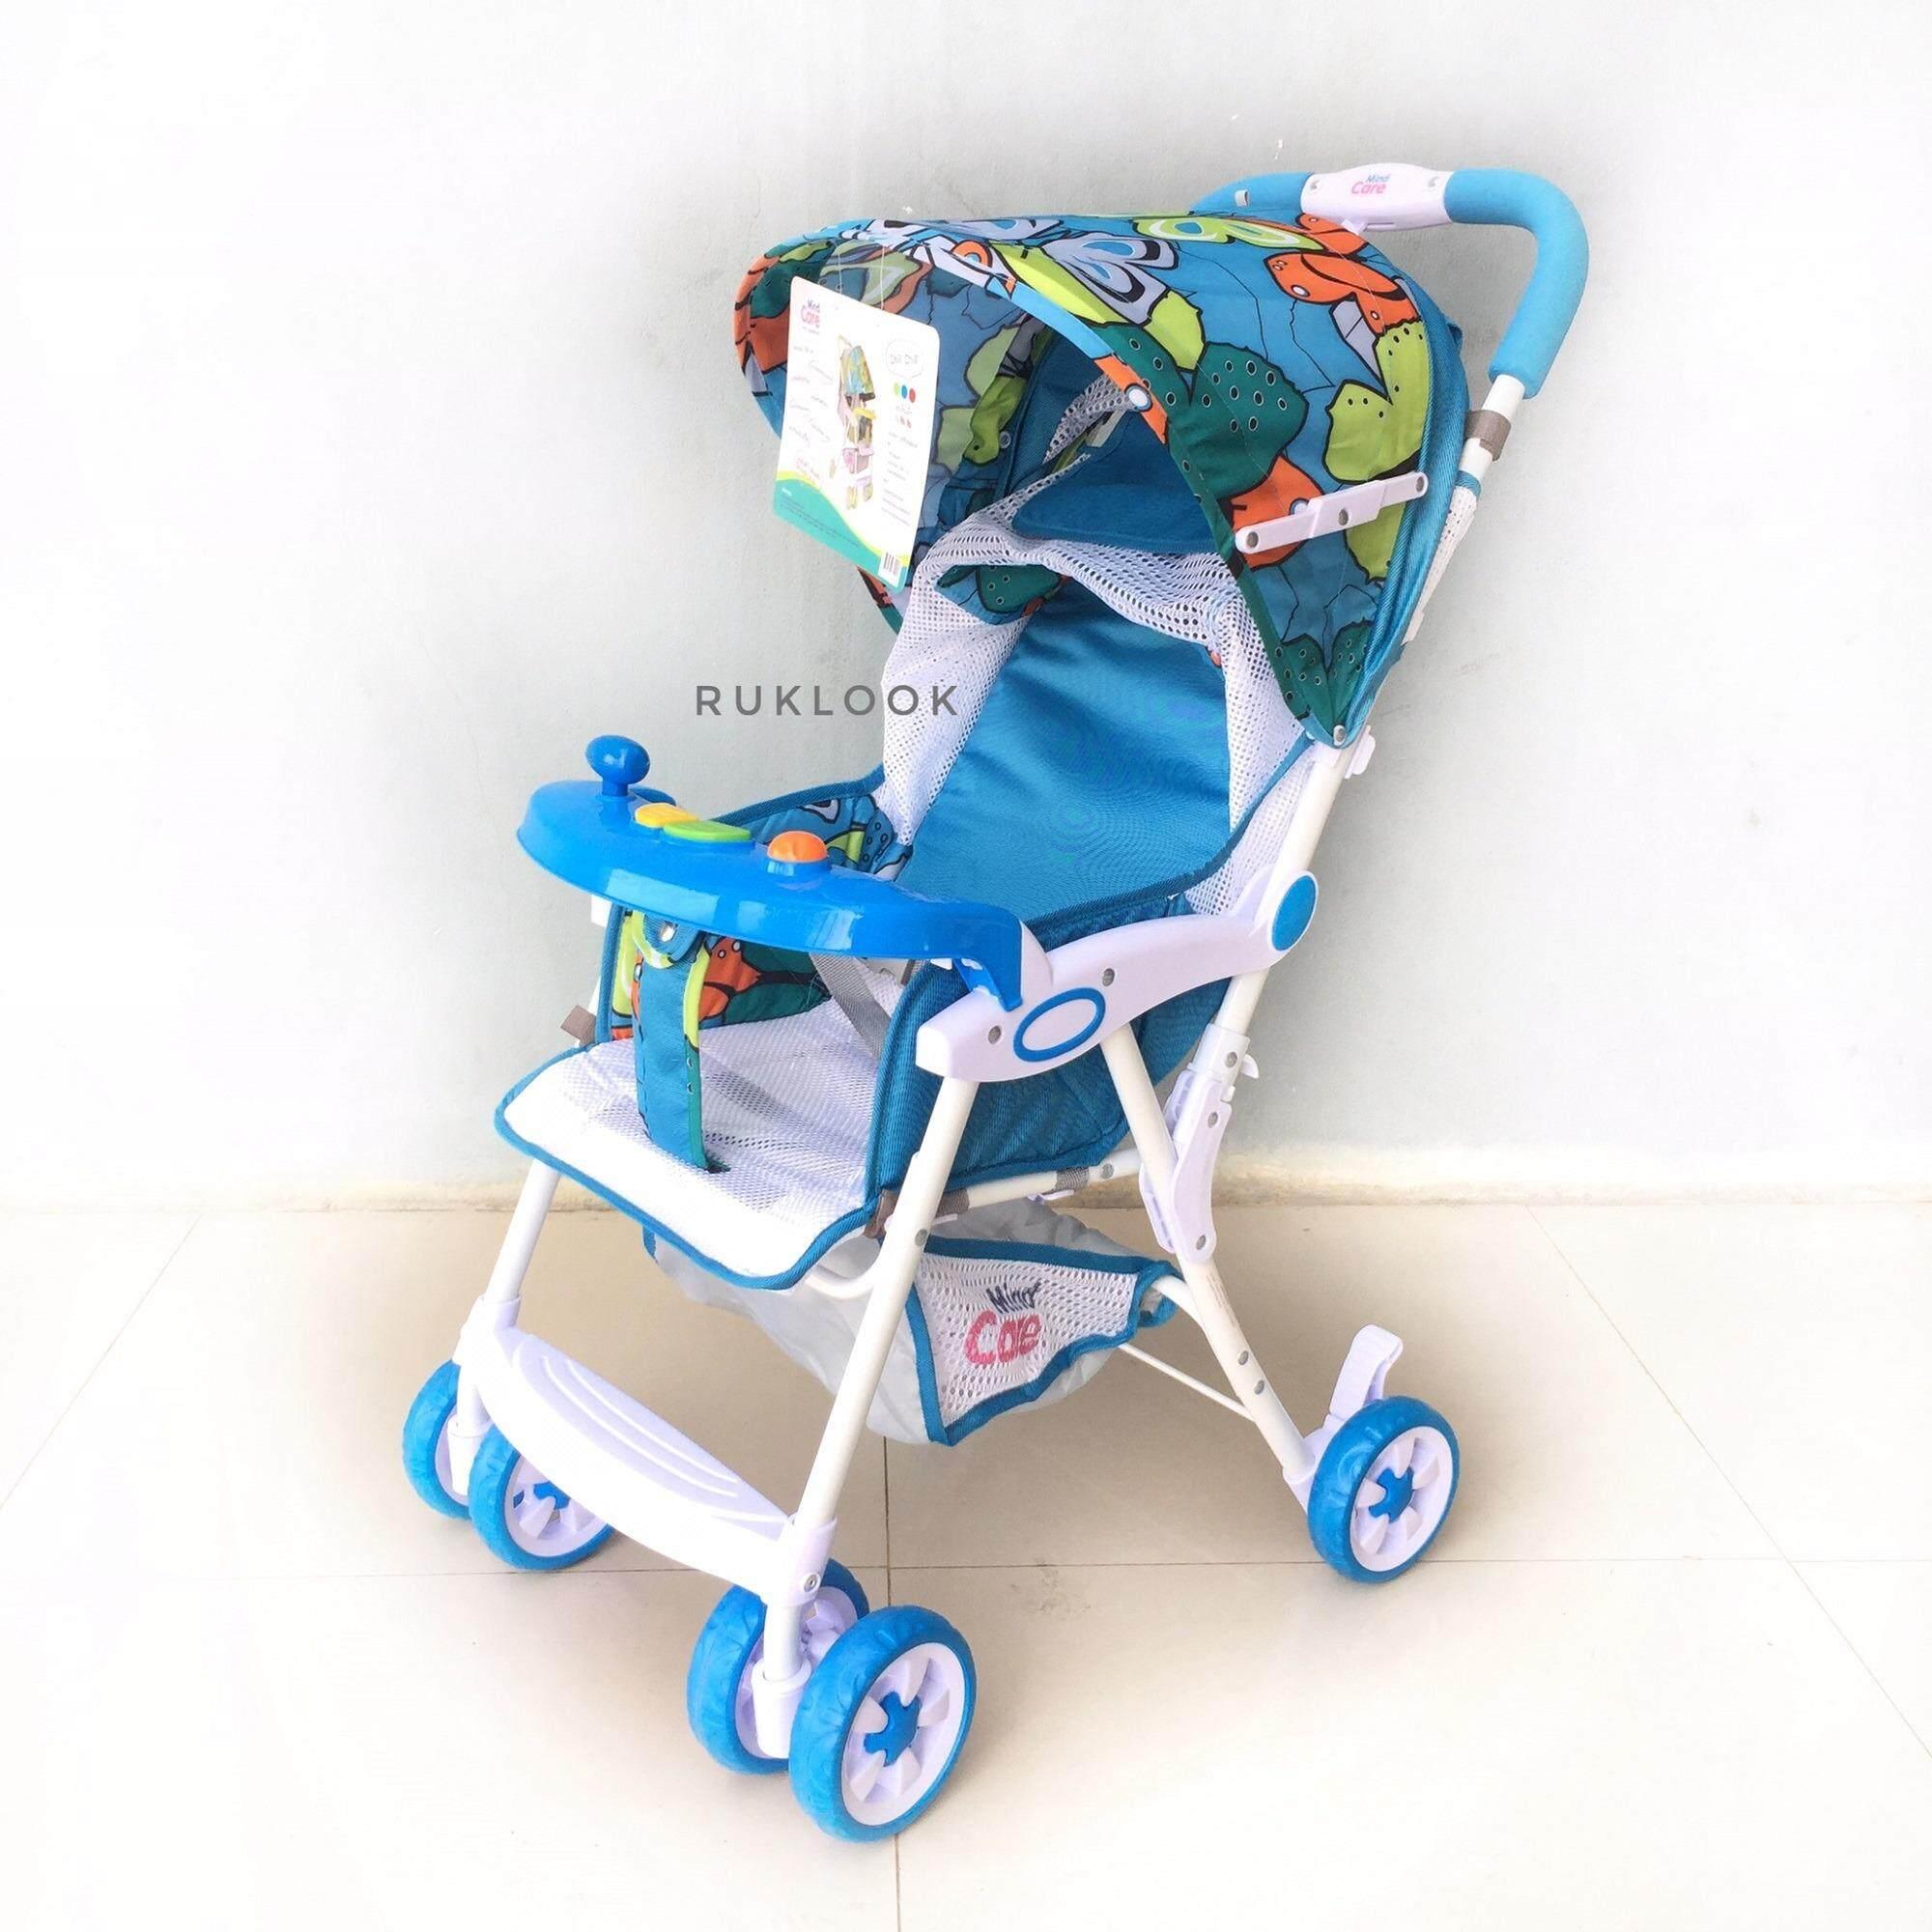 ลดราคากระหน่ำ Unbranded/Generic อุปกรณ์เสริมรถเข็นเด็ก Kurry เด็กทารกรถเข็นเด็กทารกเข็มขัดนิรภัยสายรัดข้อมือห้าจุด - นานาชาติ เคลมสินค้าได้